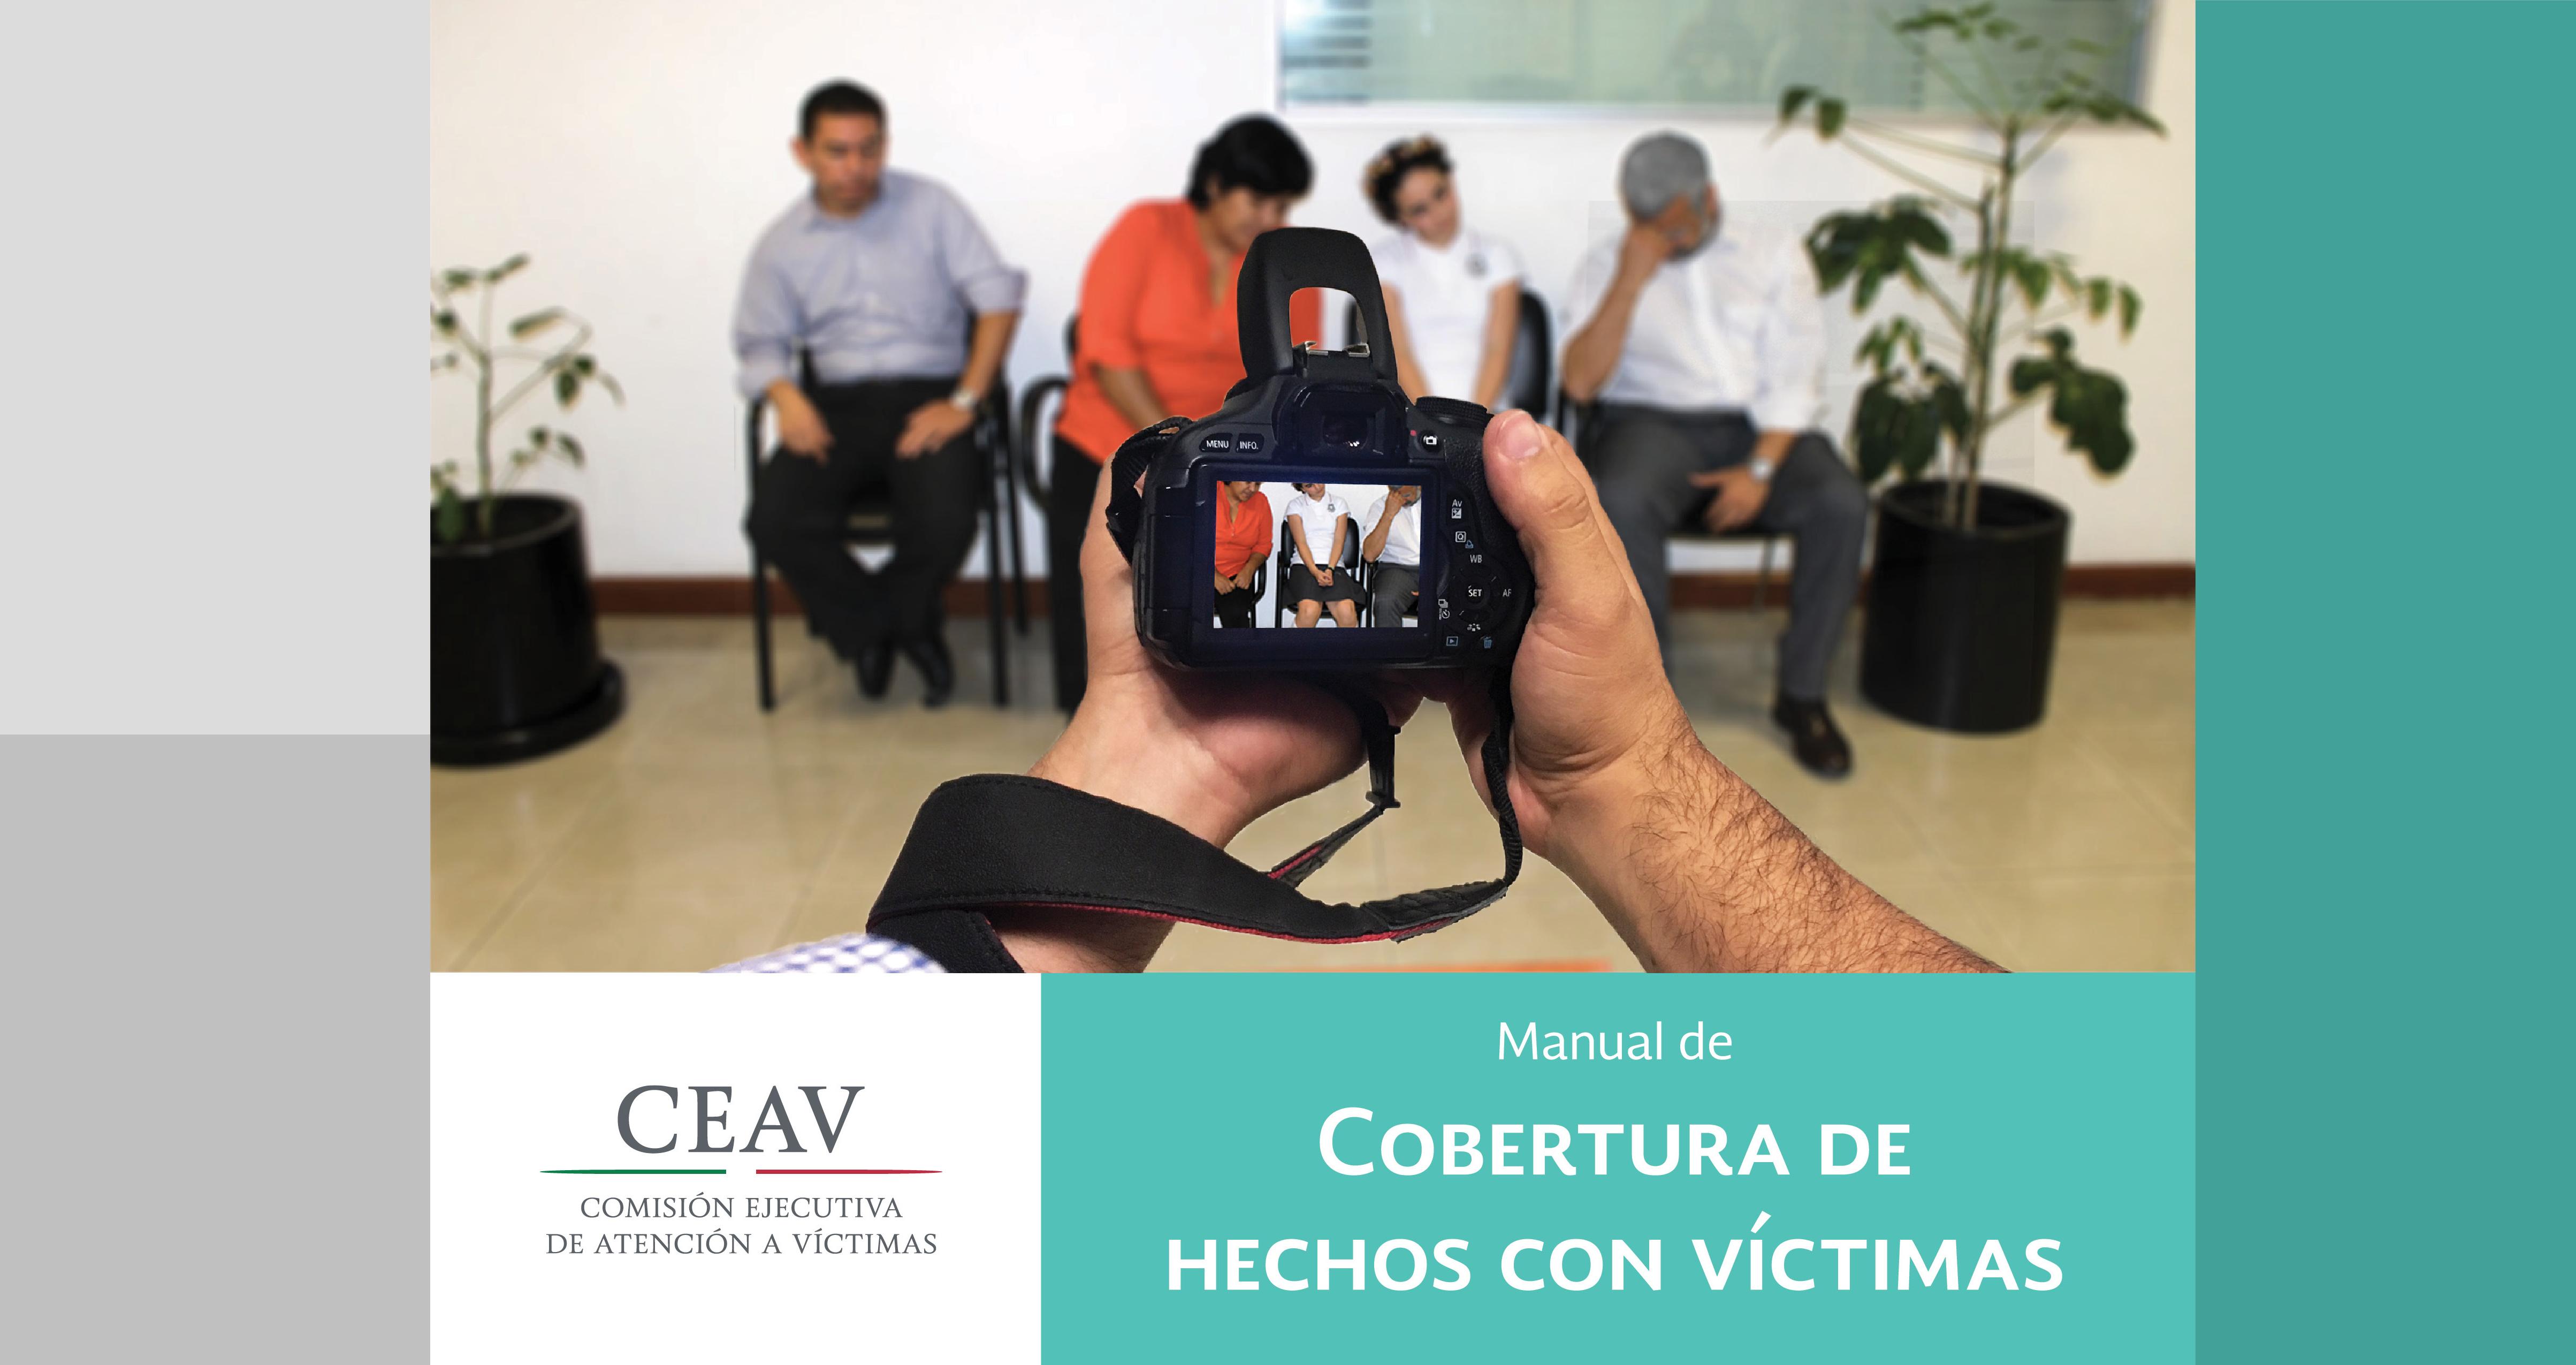 Manual de cobertura de hechos con víctimas